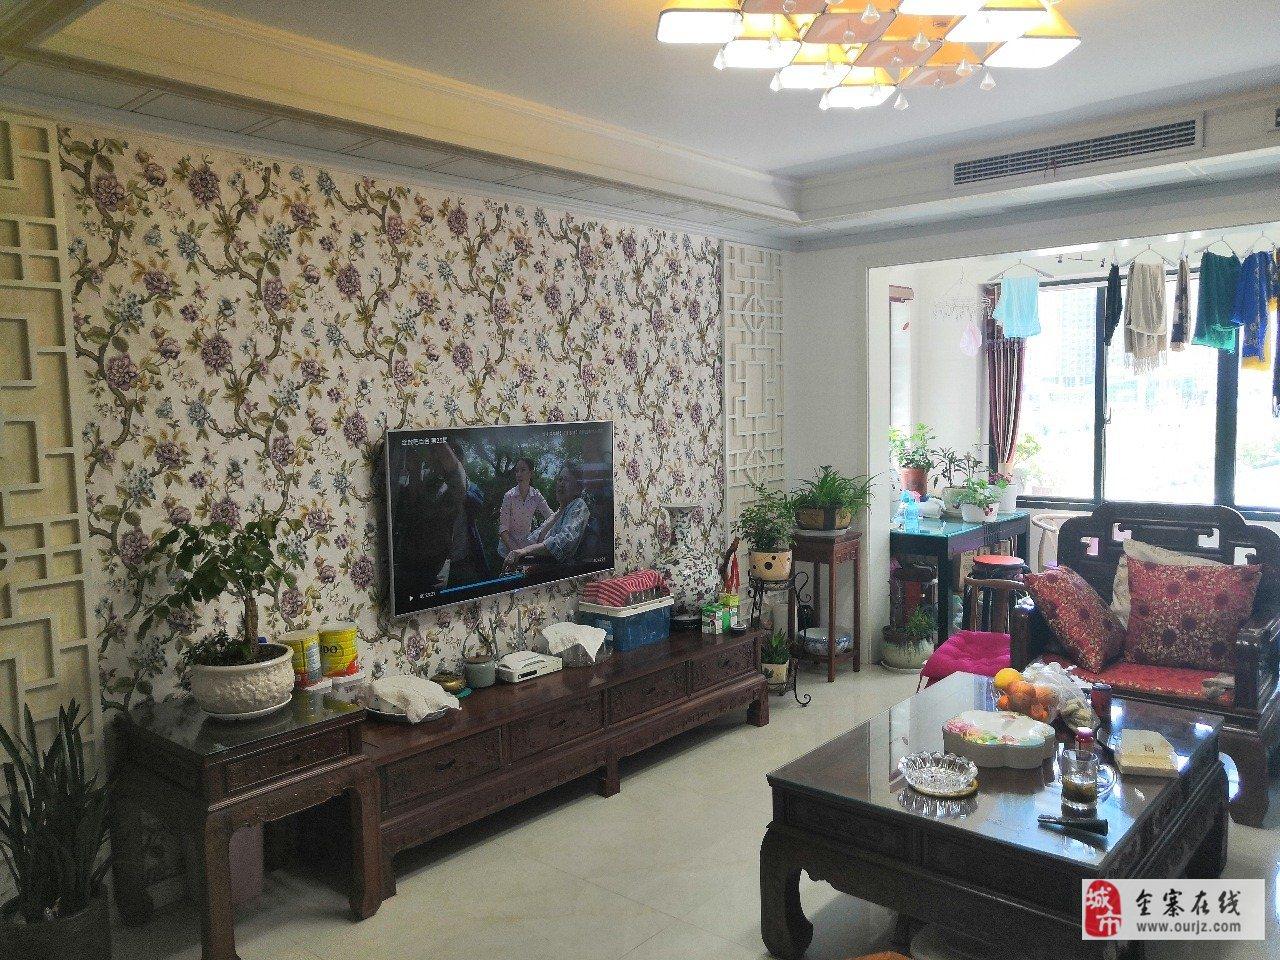 金鑫国际豪园,三室出售,城区繁华地段,交通便利!